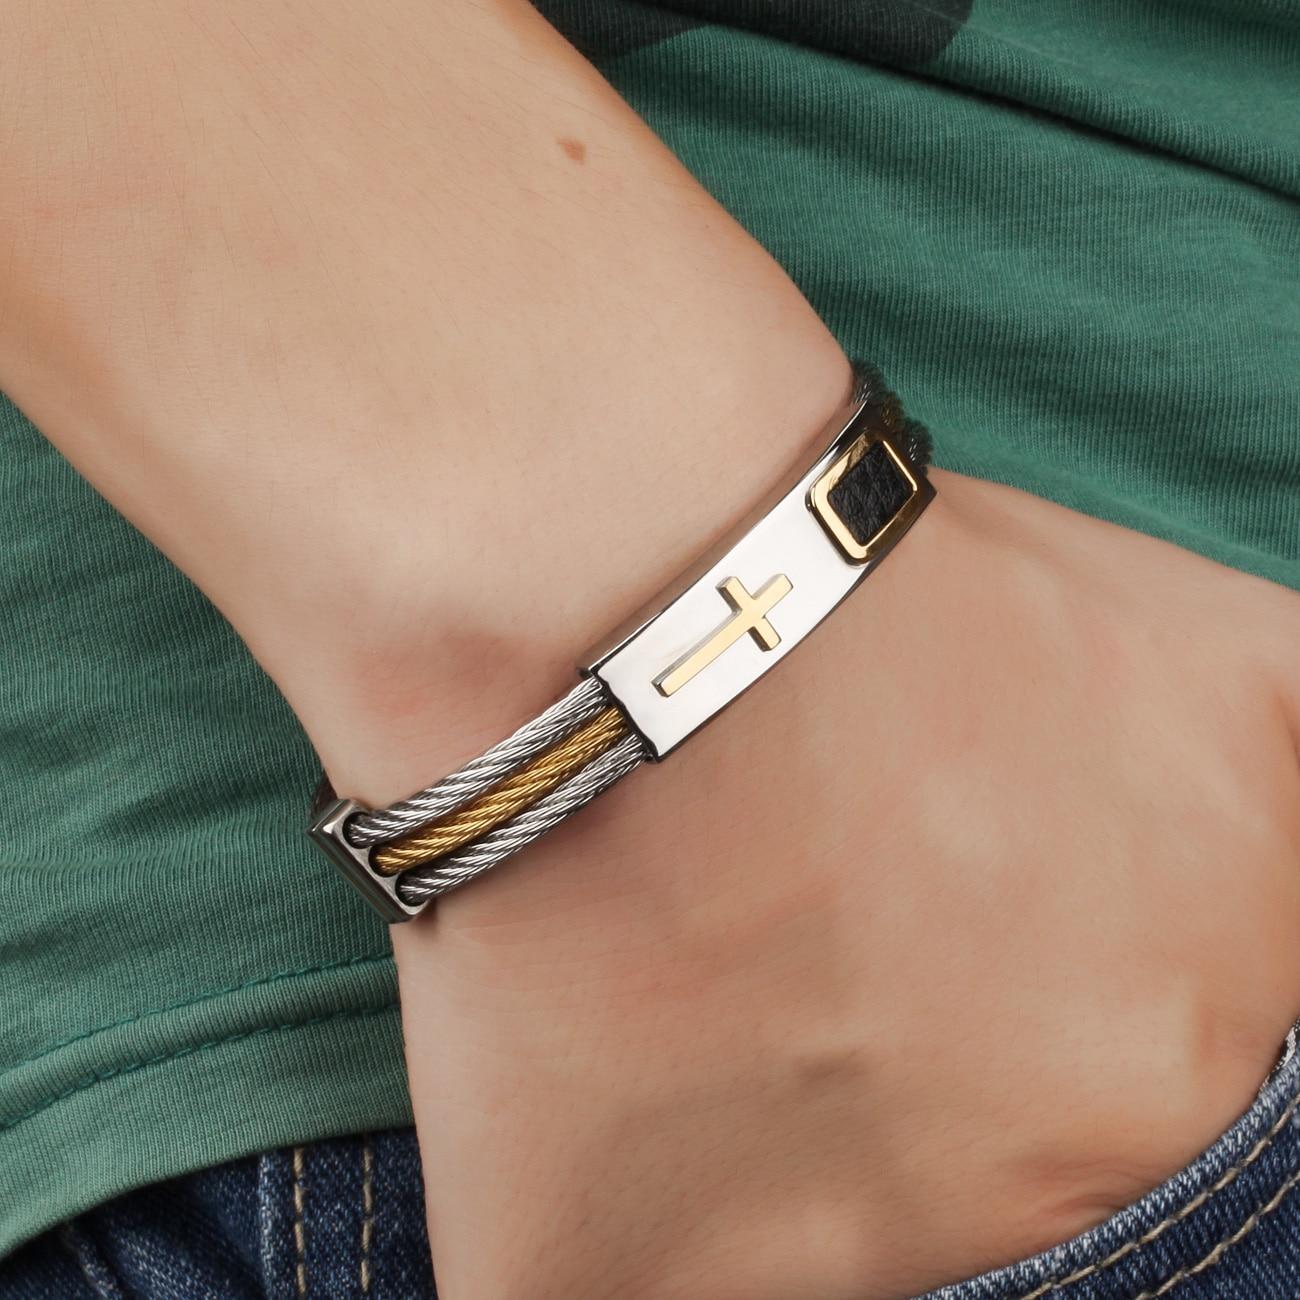 Lasperal Stainless Steel Male Bracelet 3rows Wire Chain Bracelets Bangles Punk Rock Style Cross